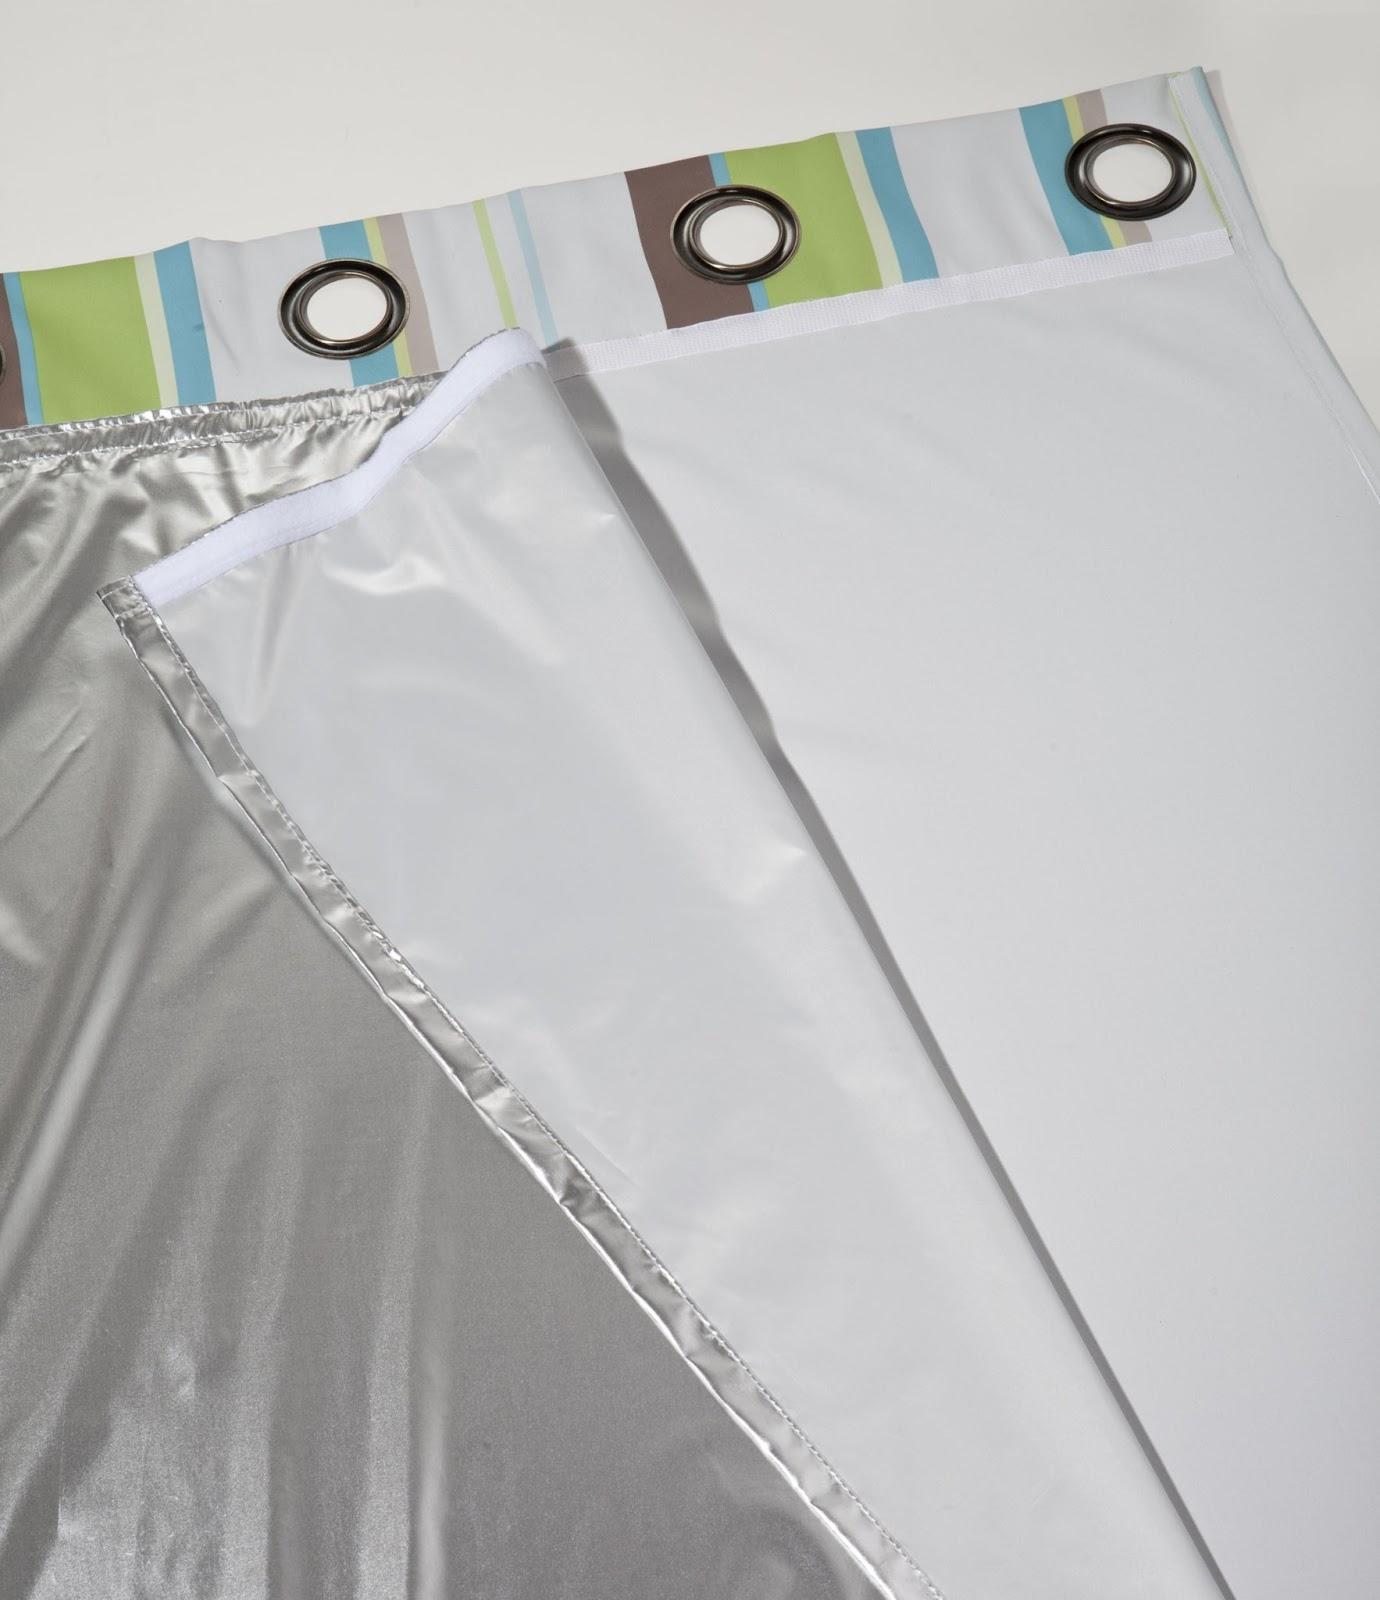 refresh le rideau thermique de l 39 t initiales gg. Black Bedroom Furniture Sets. Home Design Ideas